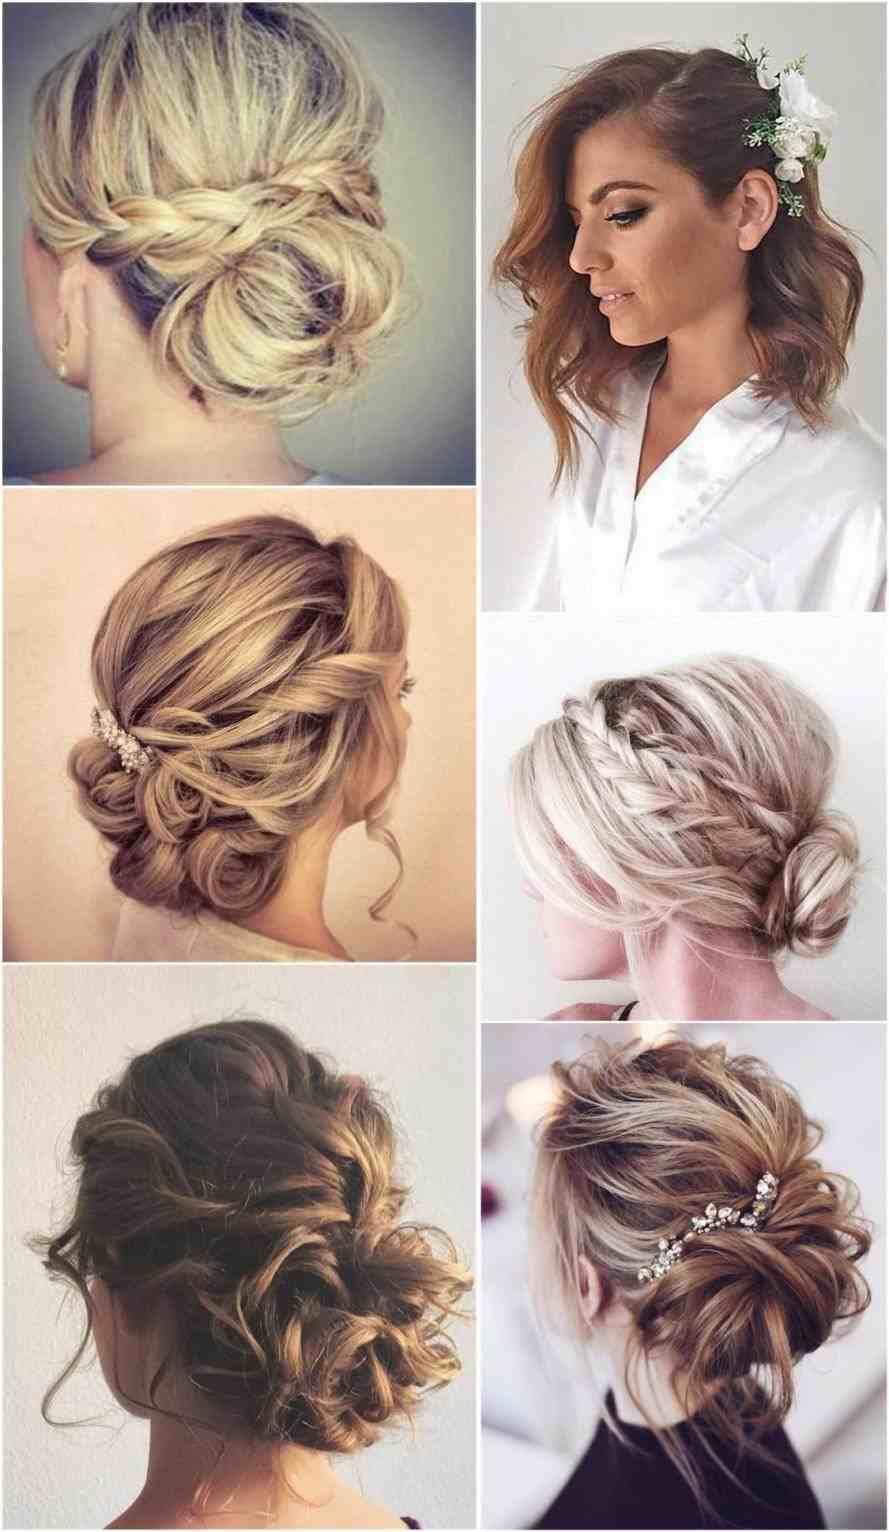 Hochzeit Frisuren Fur Mittlere Haarlange Wedding Hairstyles